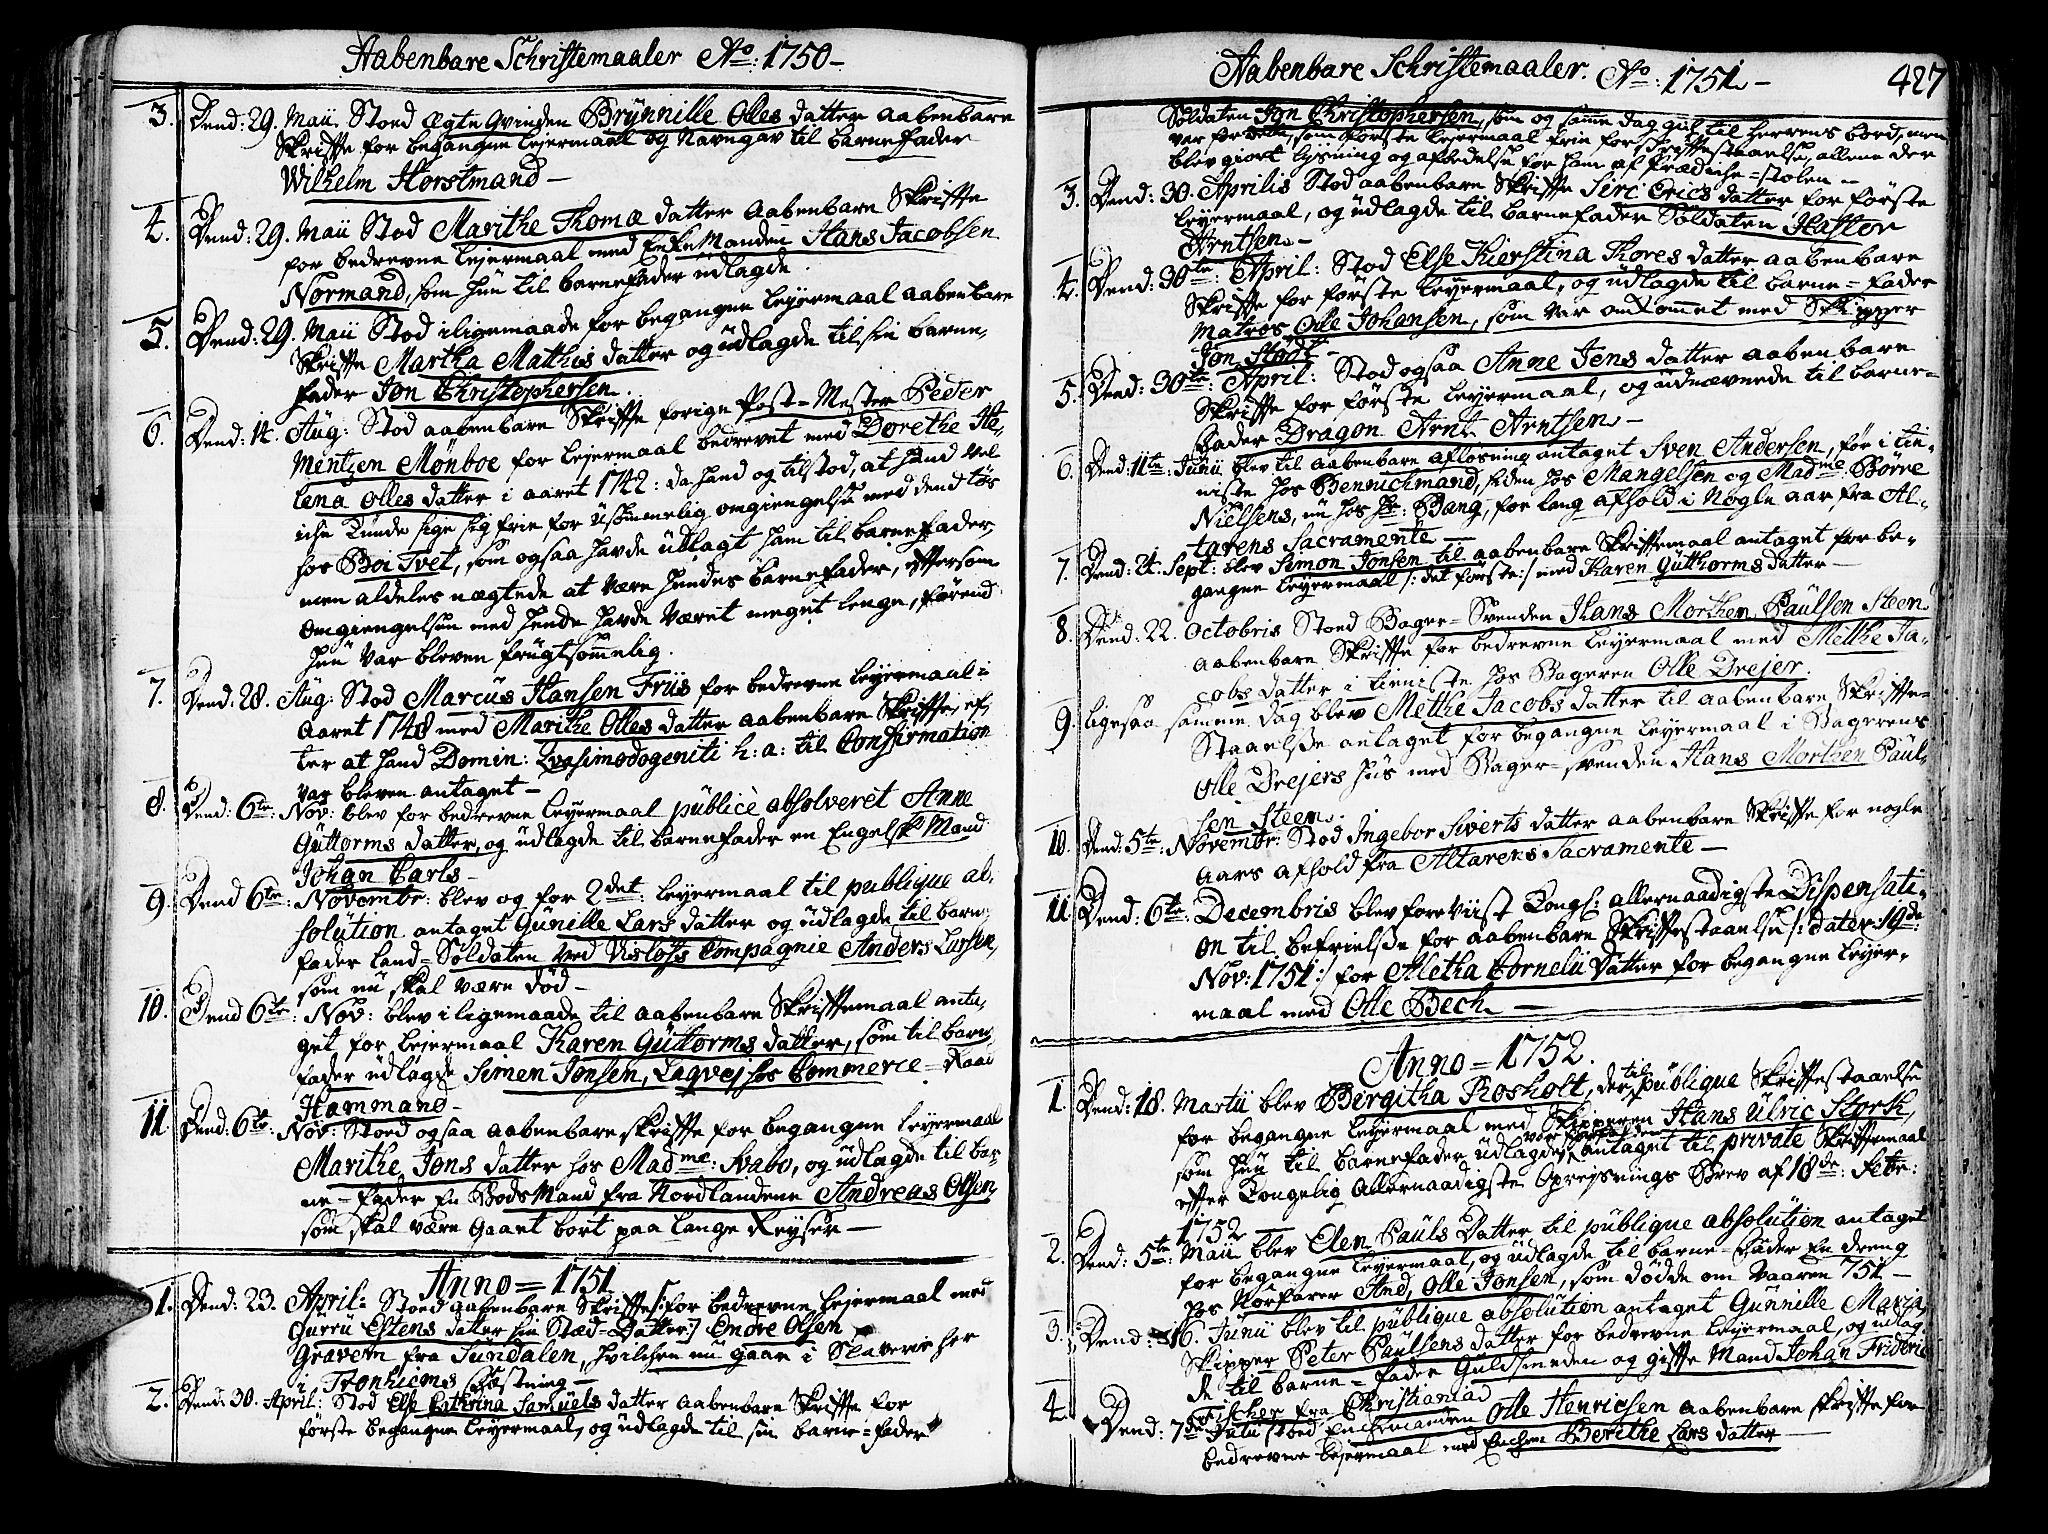 SAT, Ministerialprotokoller, klokkerbøker og fødselsregistre - Sør-Trøndelag, 602/L0103: Ministerialbok nr. 602A01, 1732-1774, s. 427